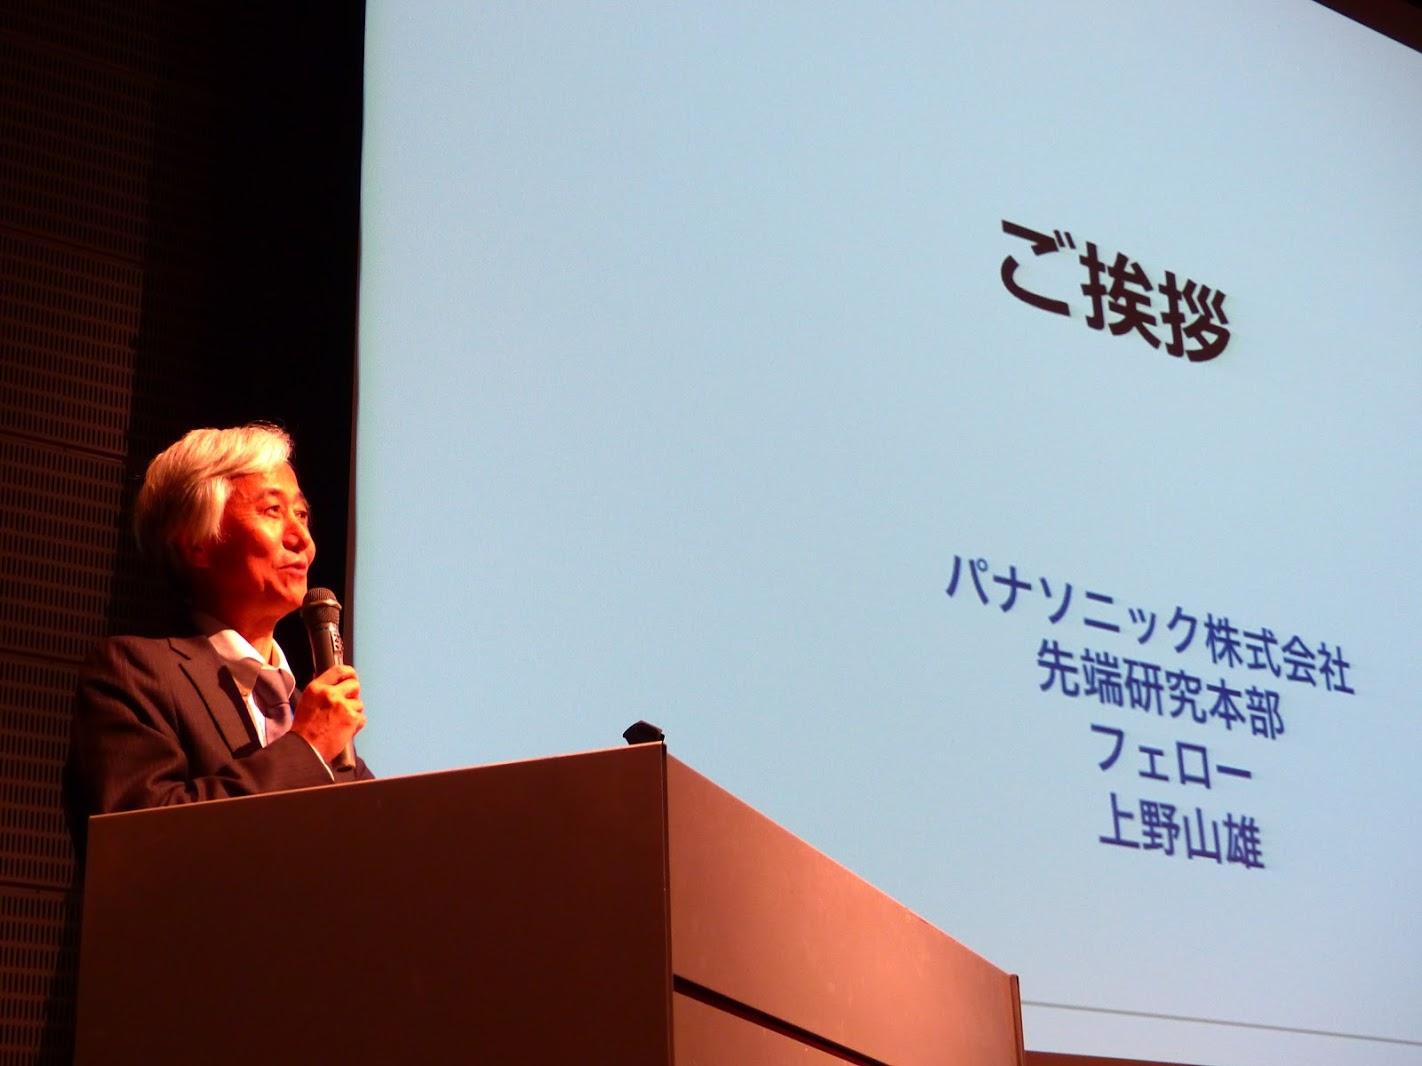 20160518-wbas14-ueno